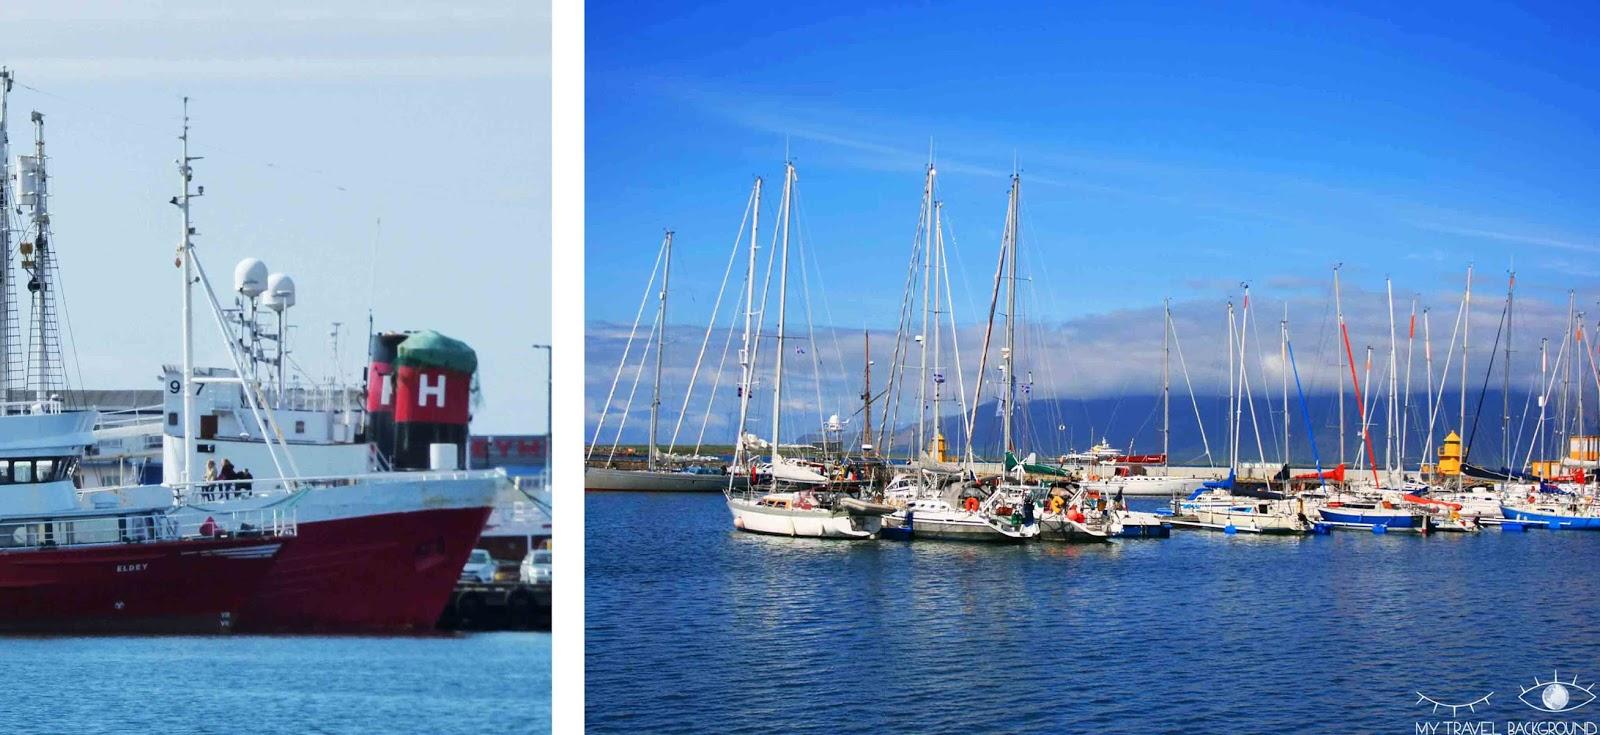 My Travel Background : que voir à Reykjavik? Visiter la ville en 1 jour, les essentiels - Le port